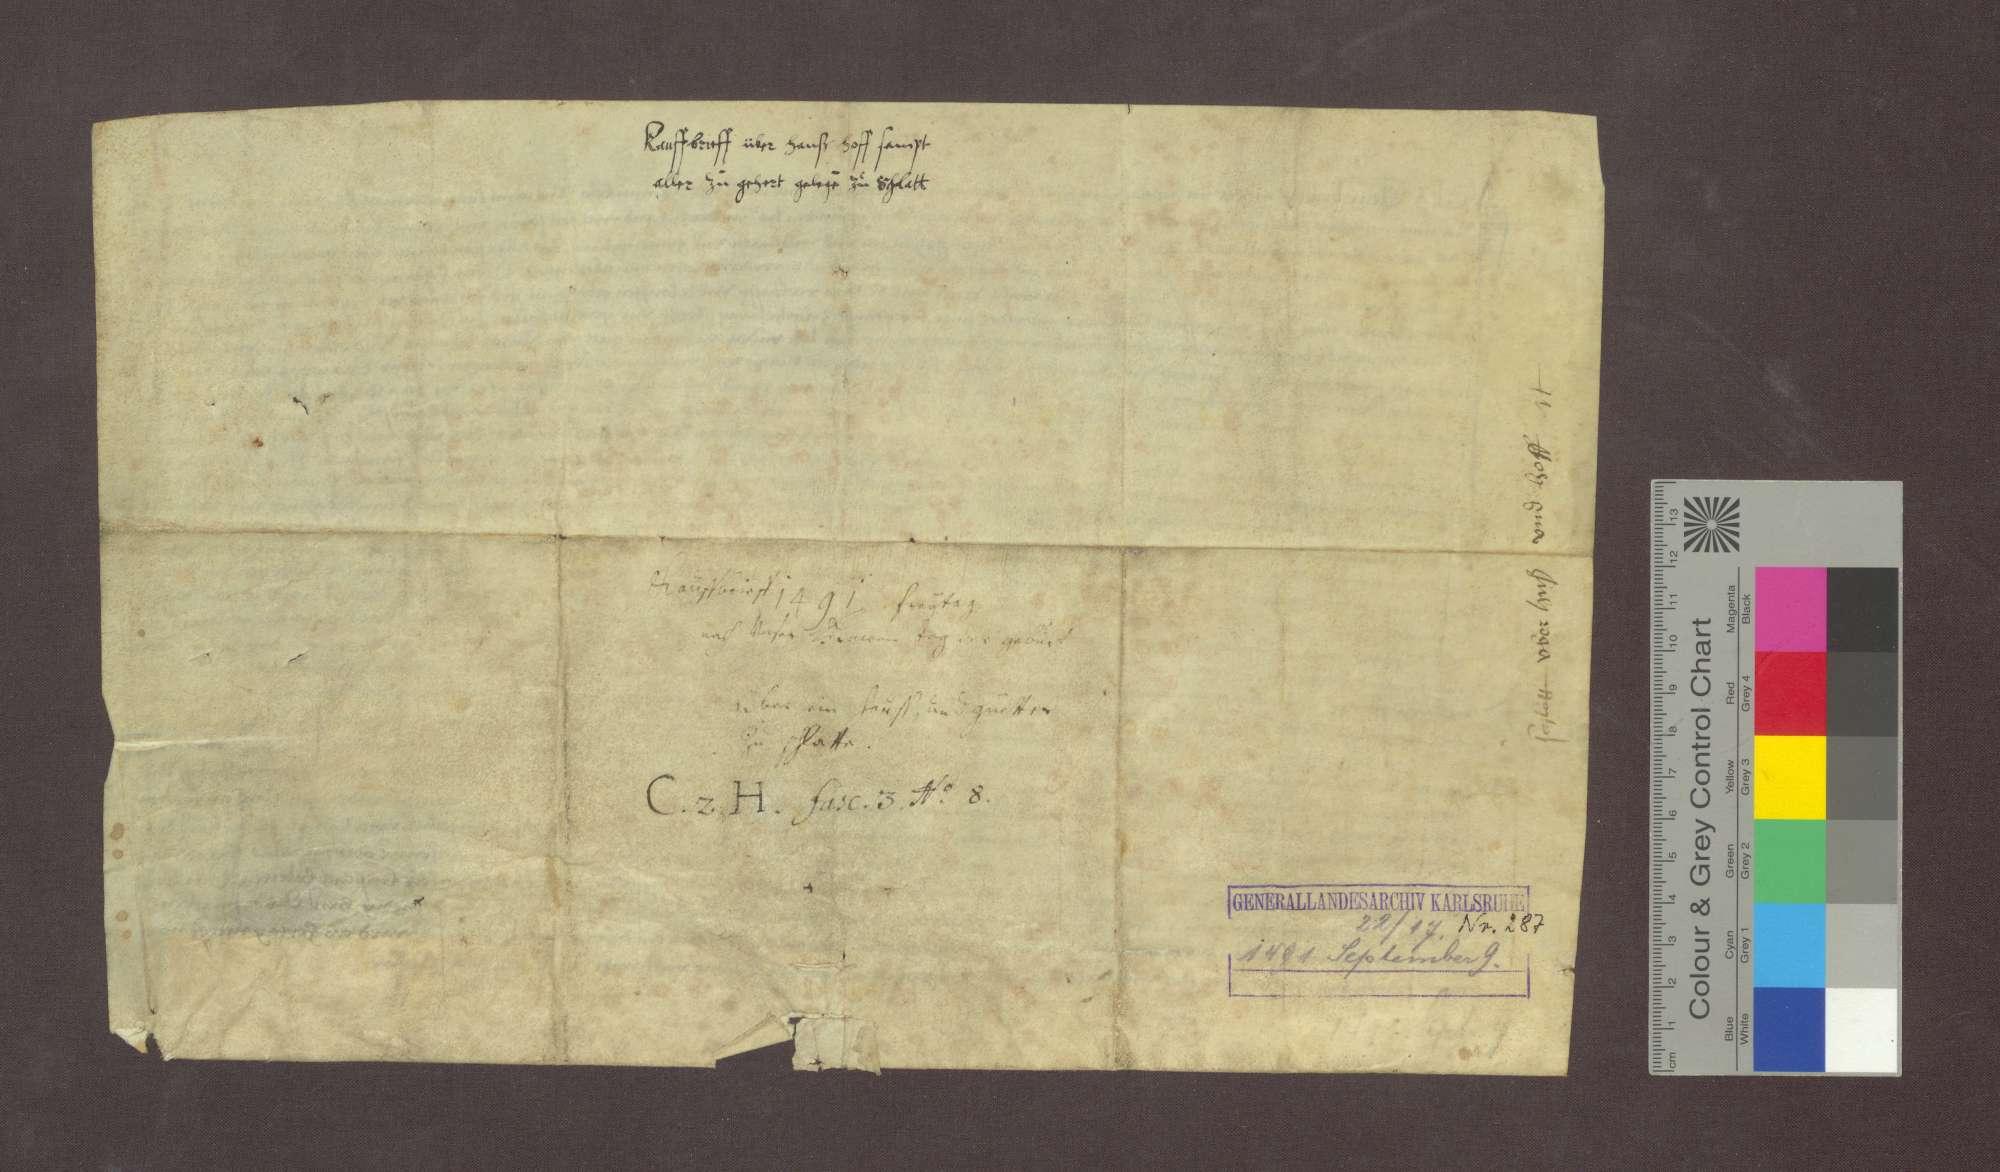 Clewy Brünly zu Schlatt verkauft dem Prior Bartlome Agerle des Gotteshauses Oberried im Wald sein Haus und Hof zu Schlatt im Dorf mit genannten Gütern um 60 Gulden., Bild 2